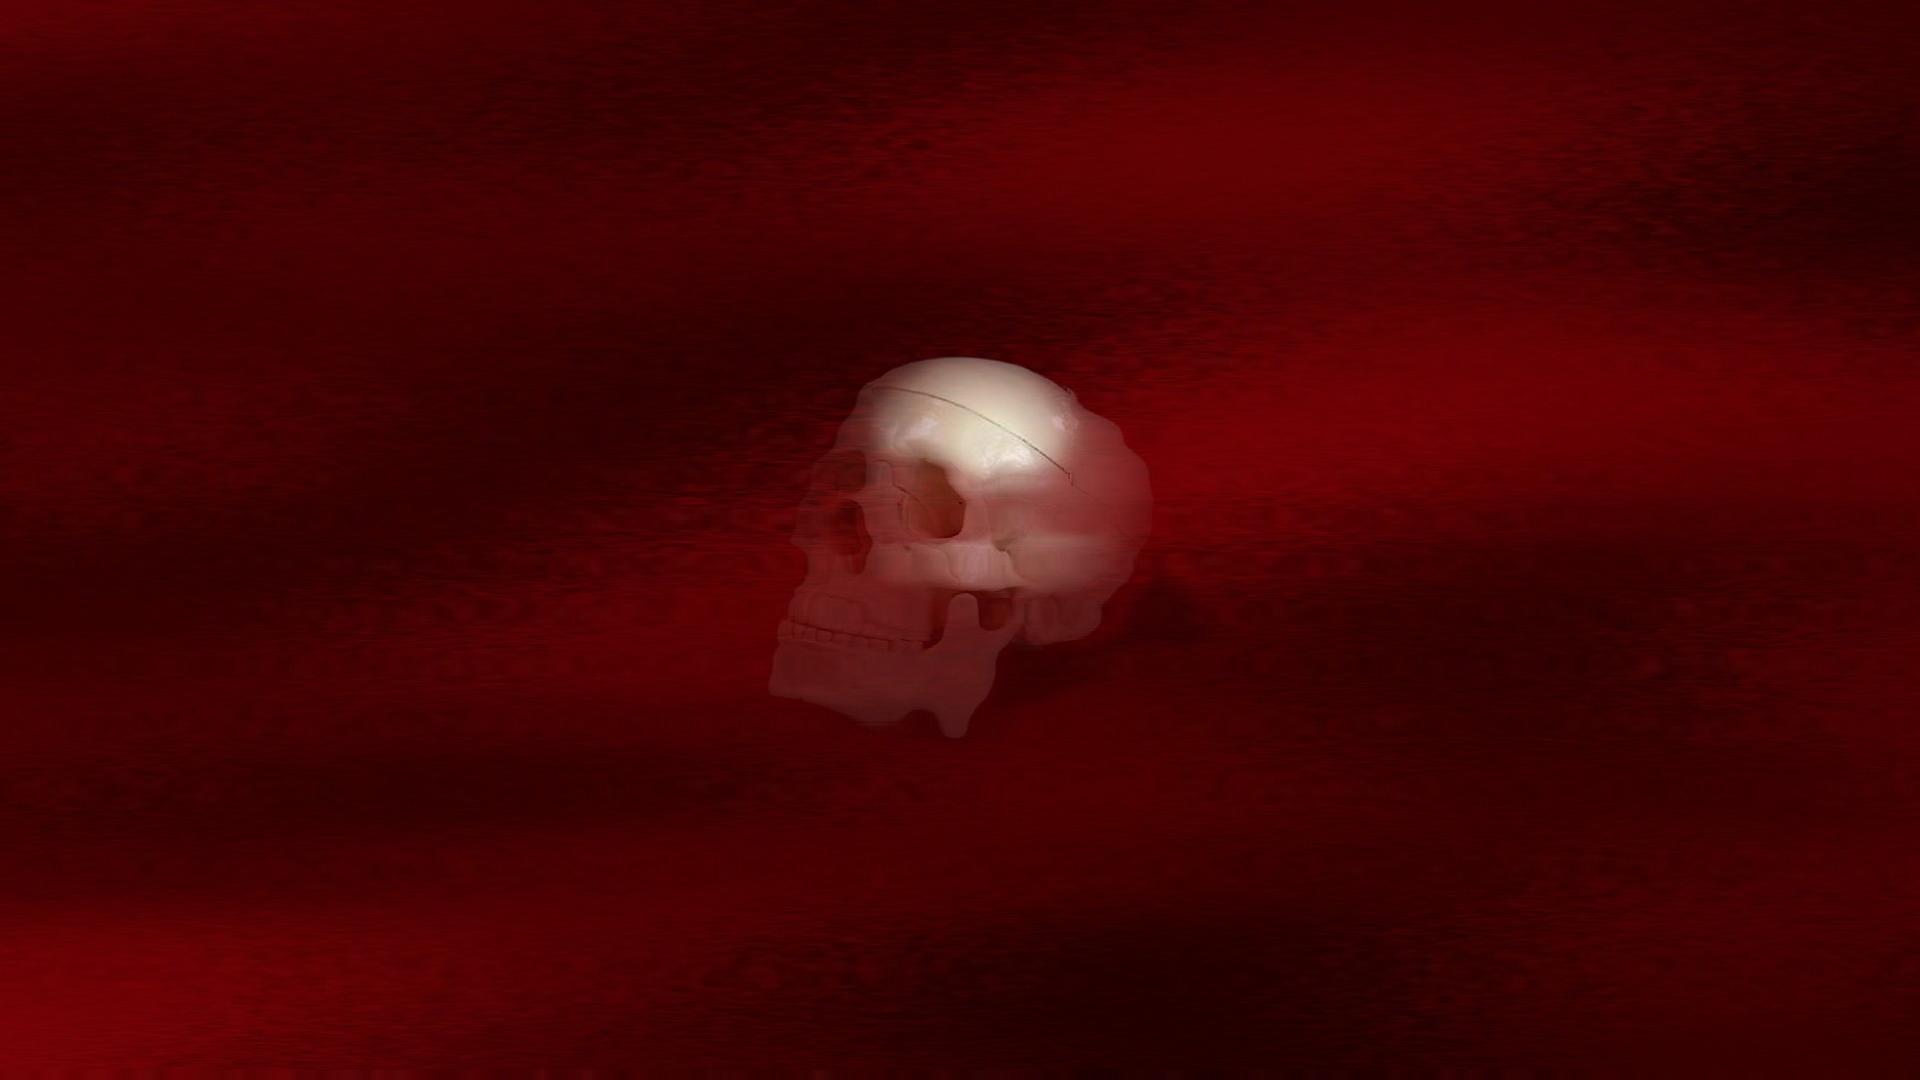 skull wallpaper for windows 7 - photo #26